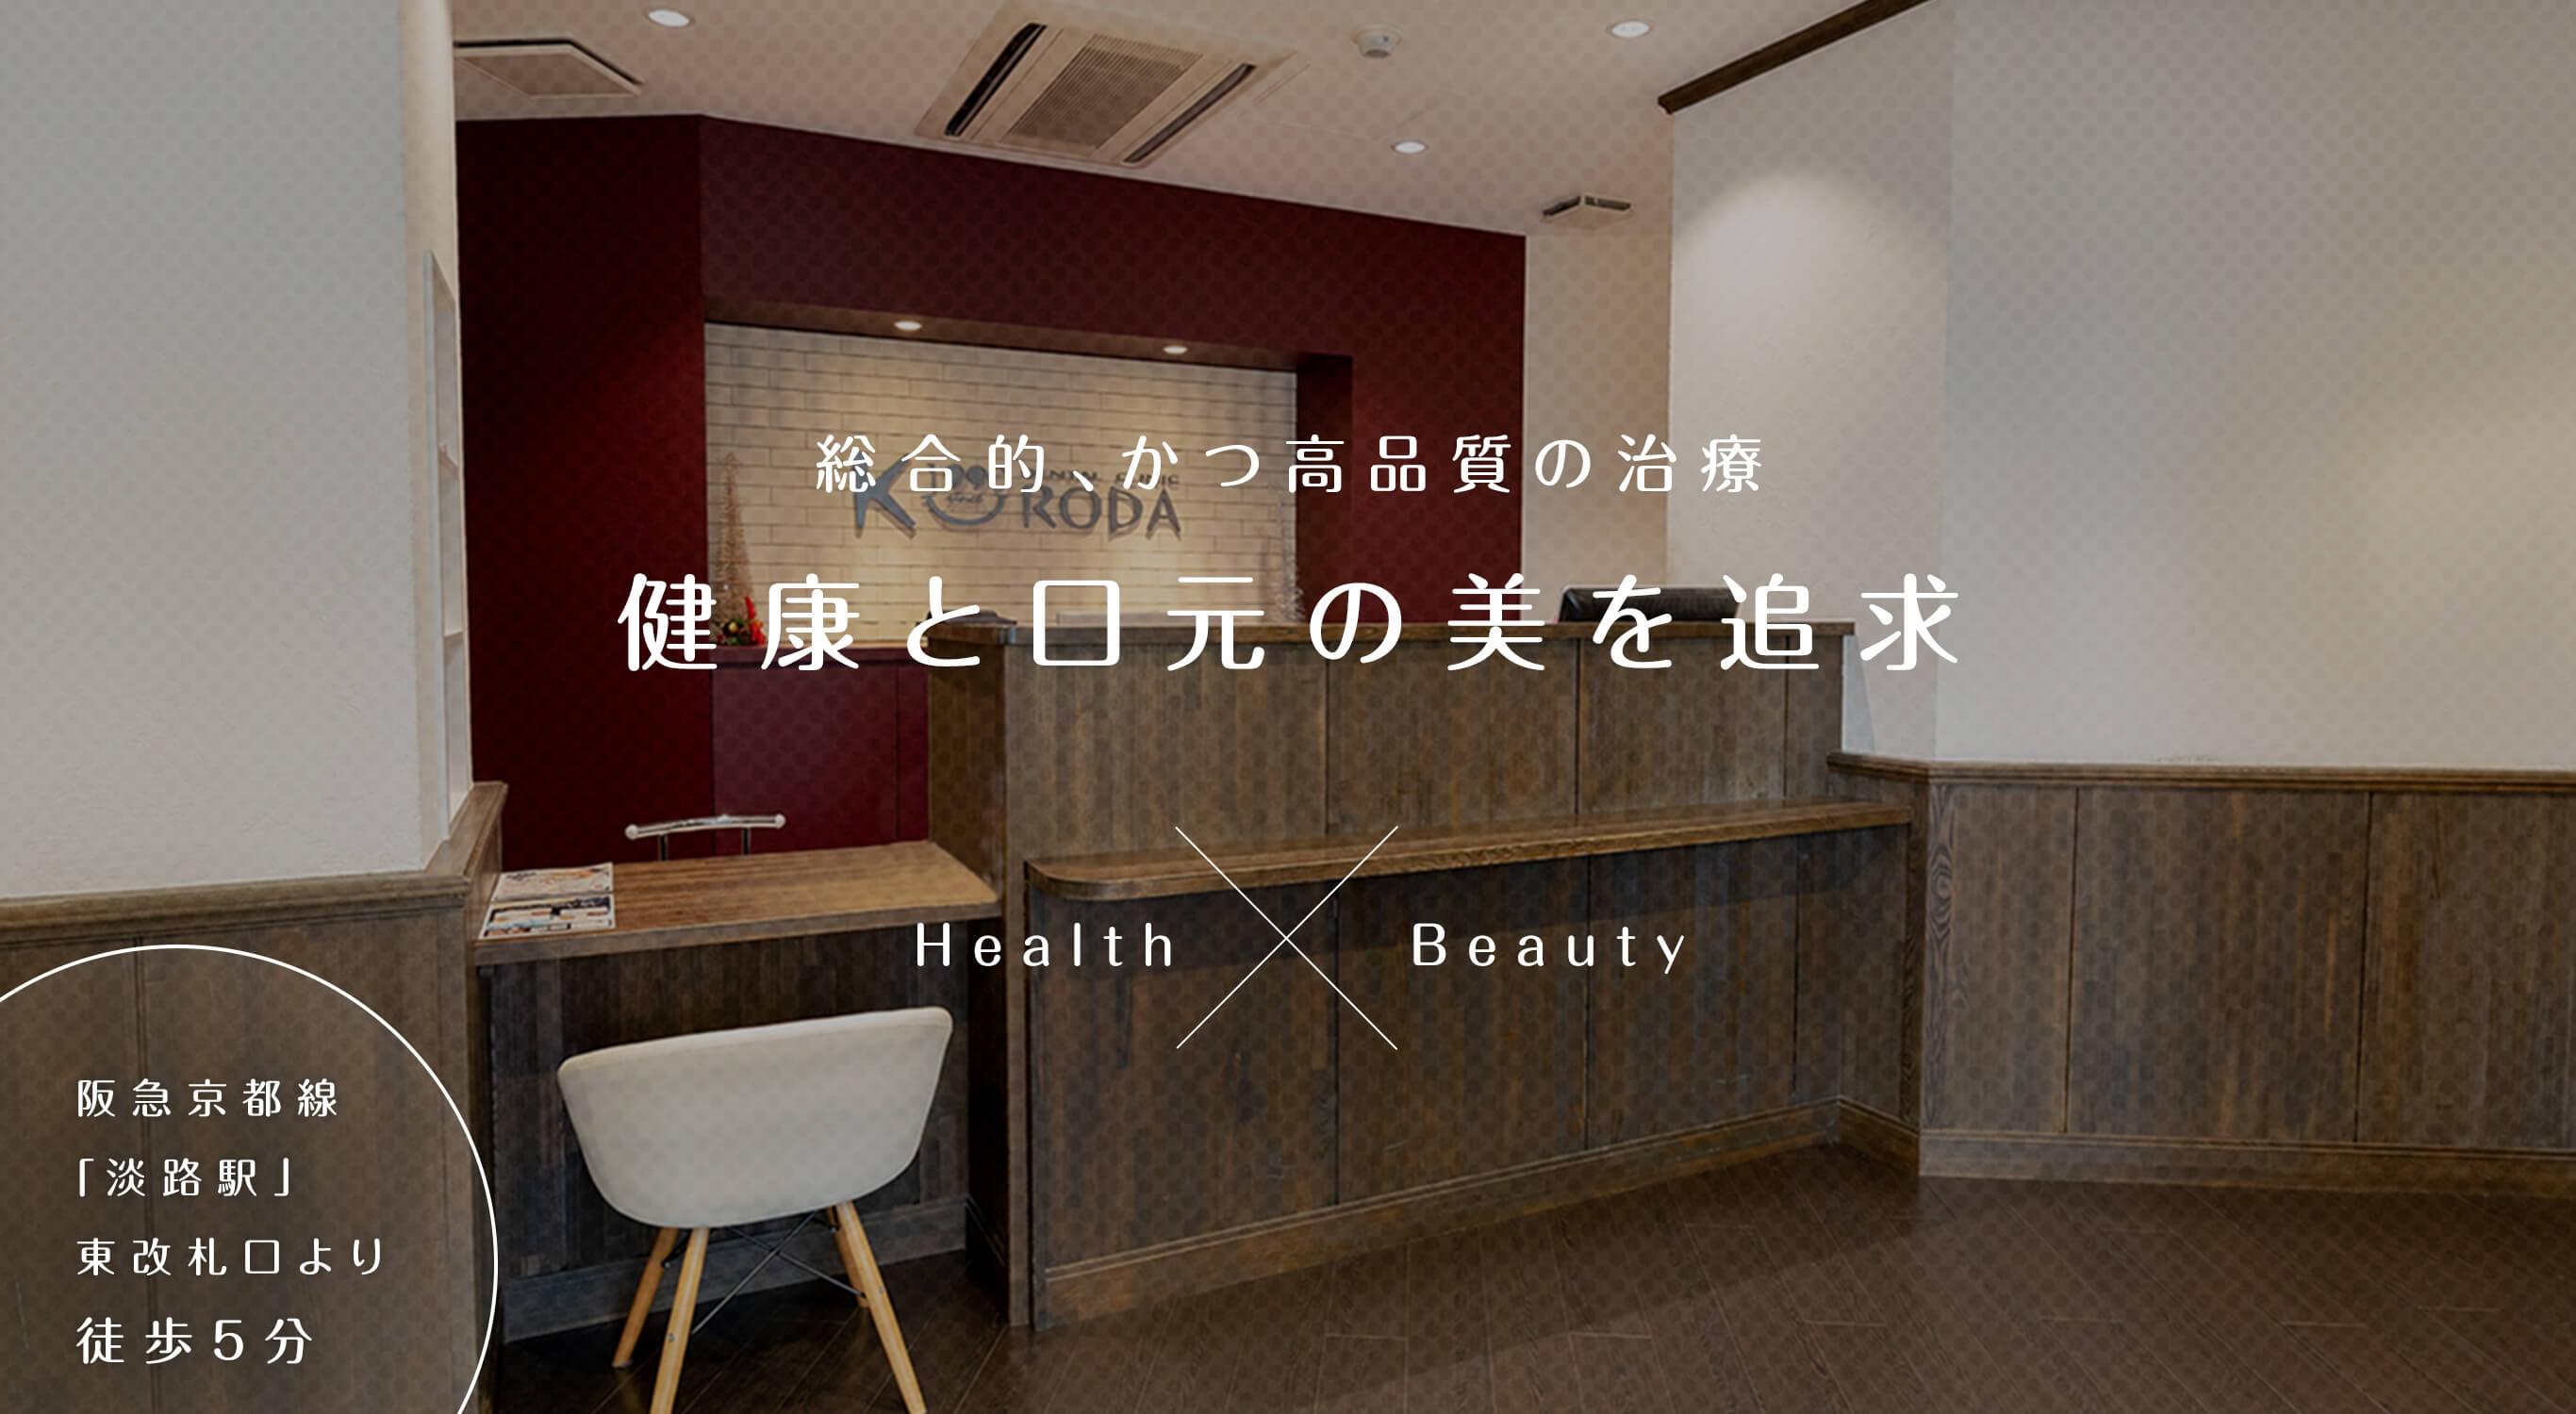 総合的、かつ高品質の治療健康と口元の美を追求 Health Beauty